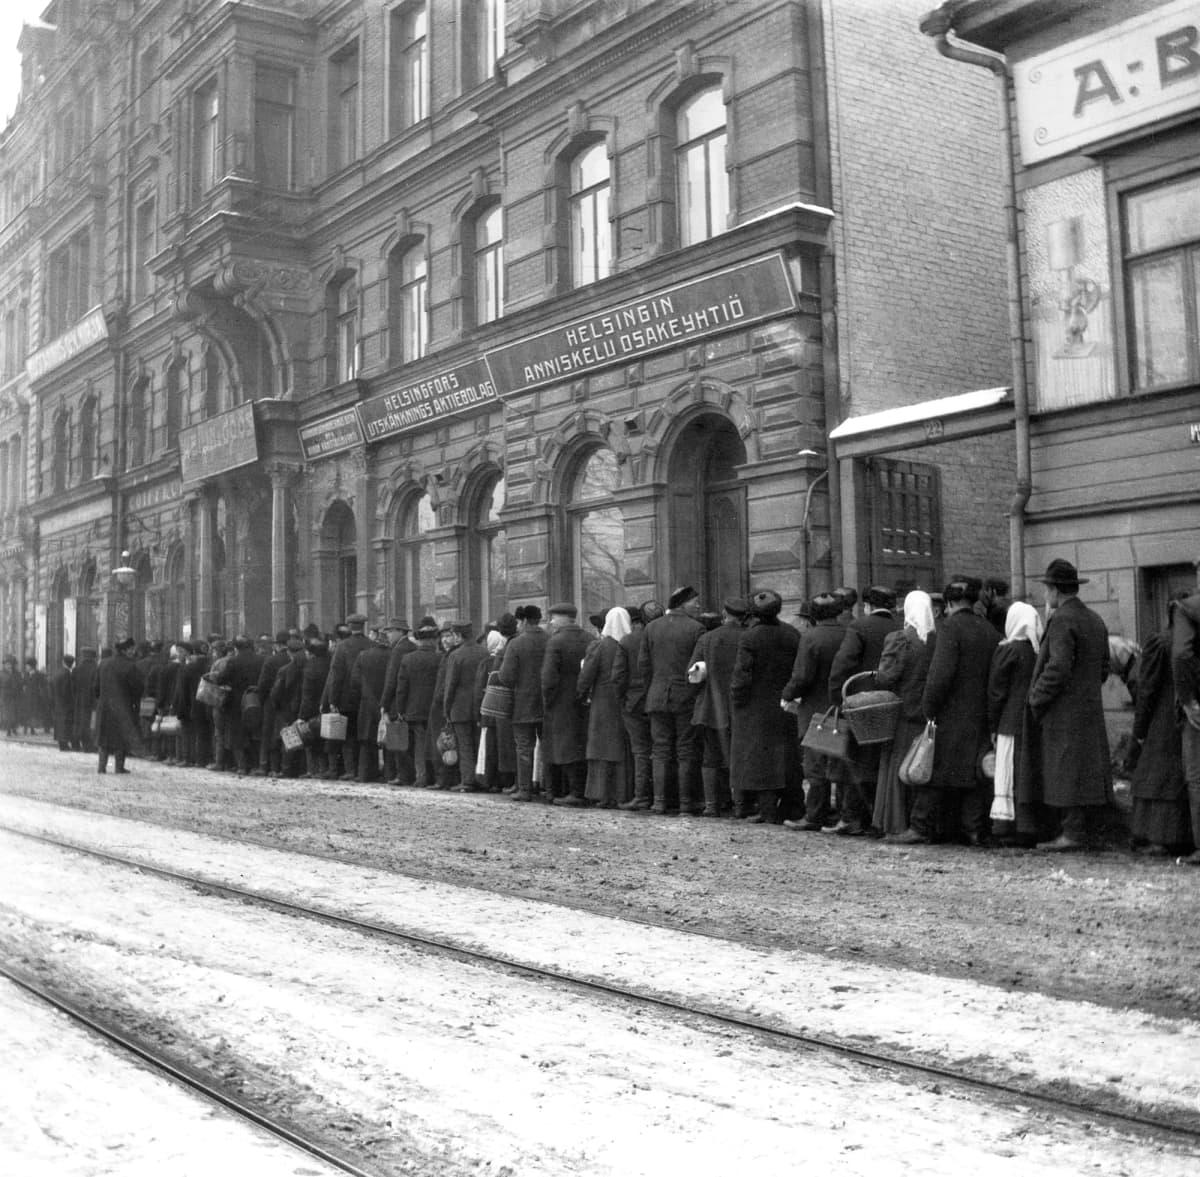 Historiallisessa kuvassa kansa jonottaa perunoita vuonna 1918.